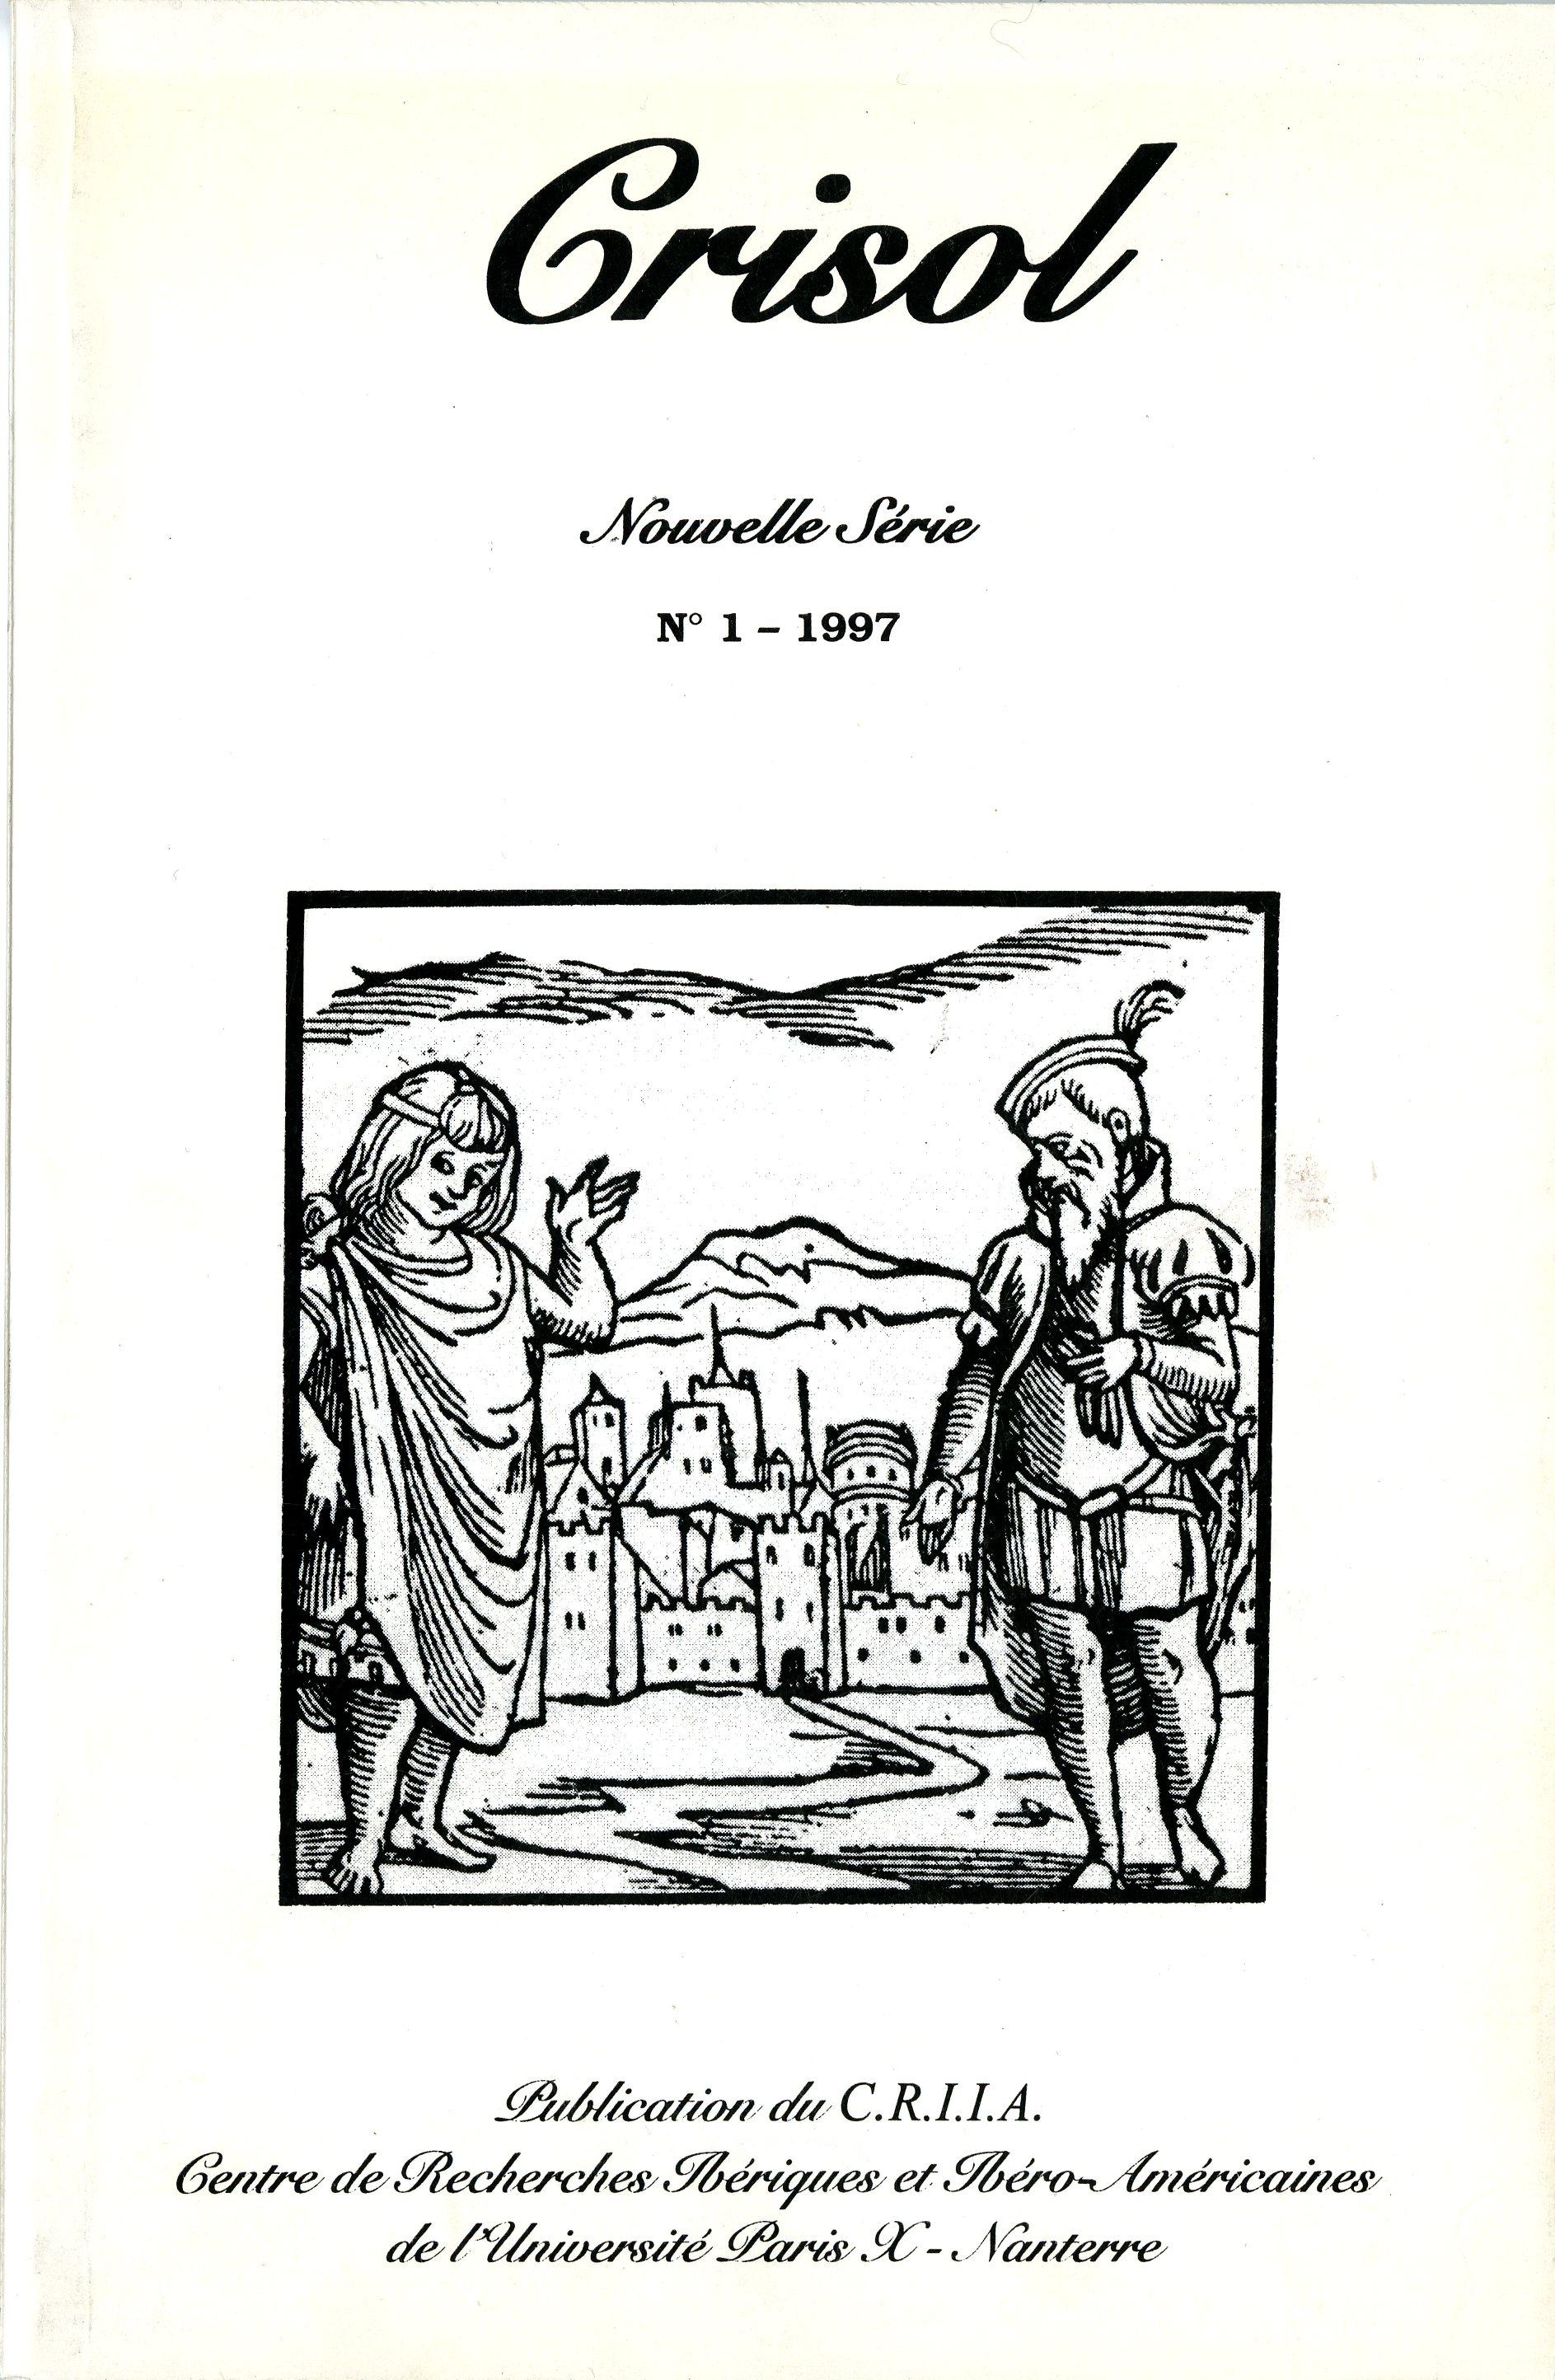 Crisol, Nouvelle série, n°1, 1997